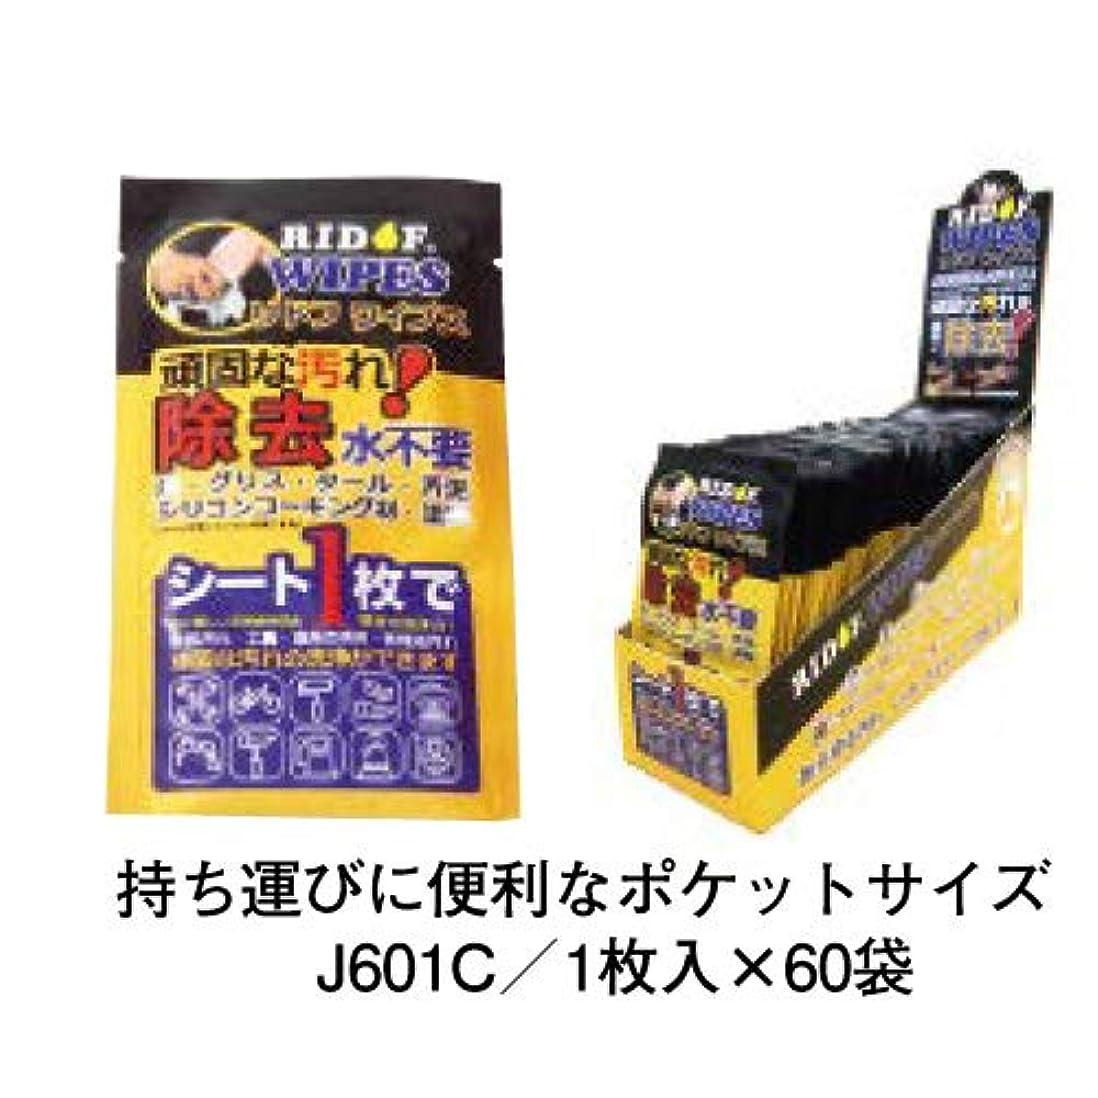 平均実験室やけどリドフワイプス ポケットタイプ/1枚入×60袋 J601C